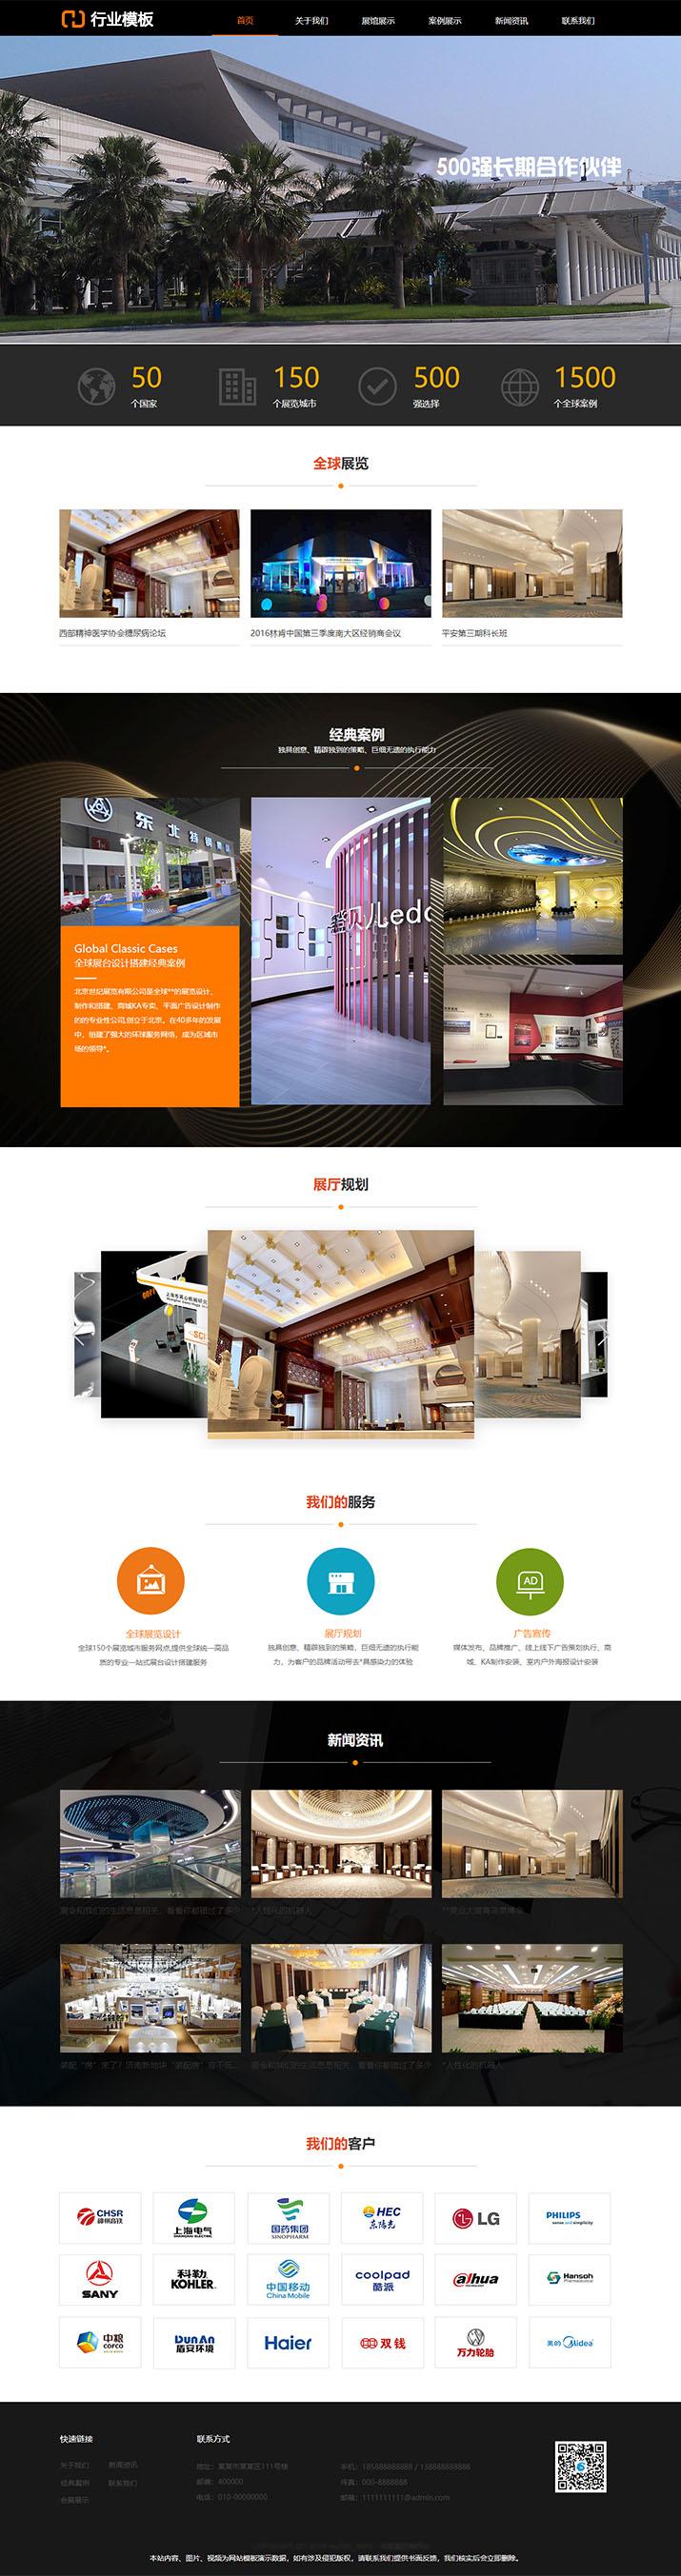 展览设计服务公司网站模板